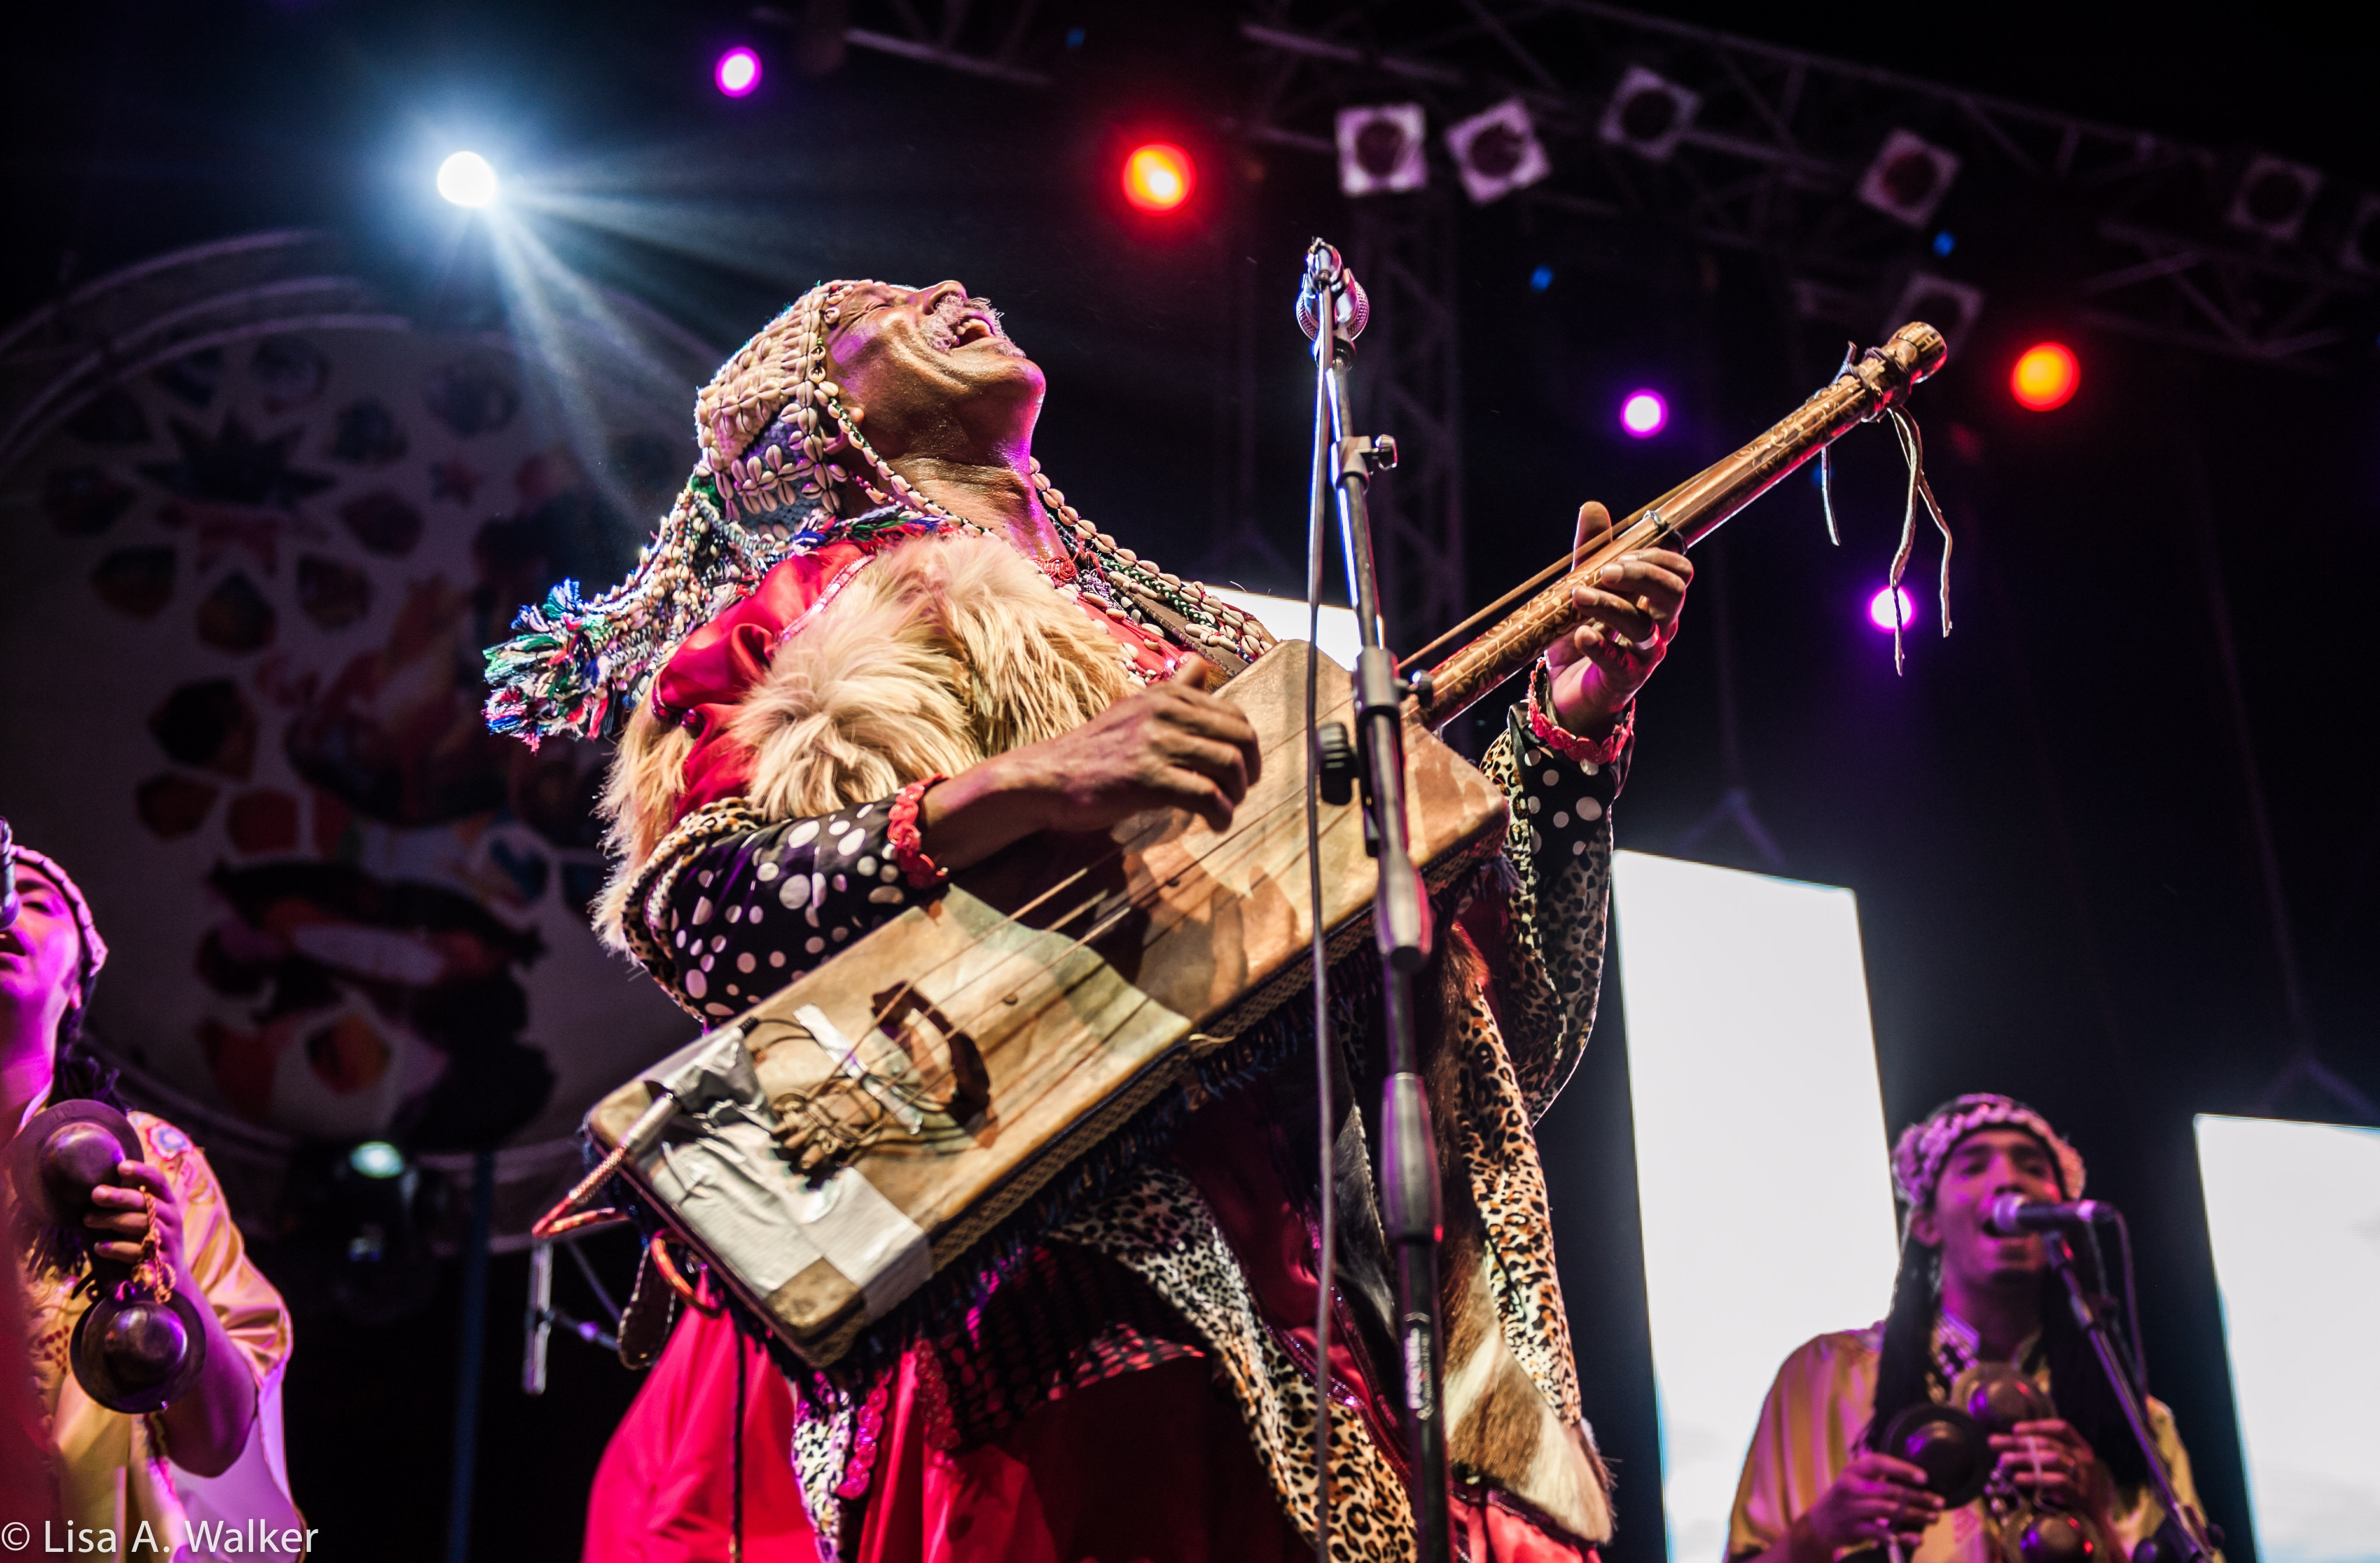 פסטיבל מוסיקה במרוקו